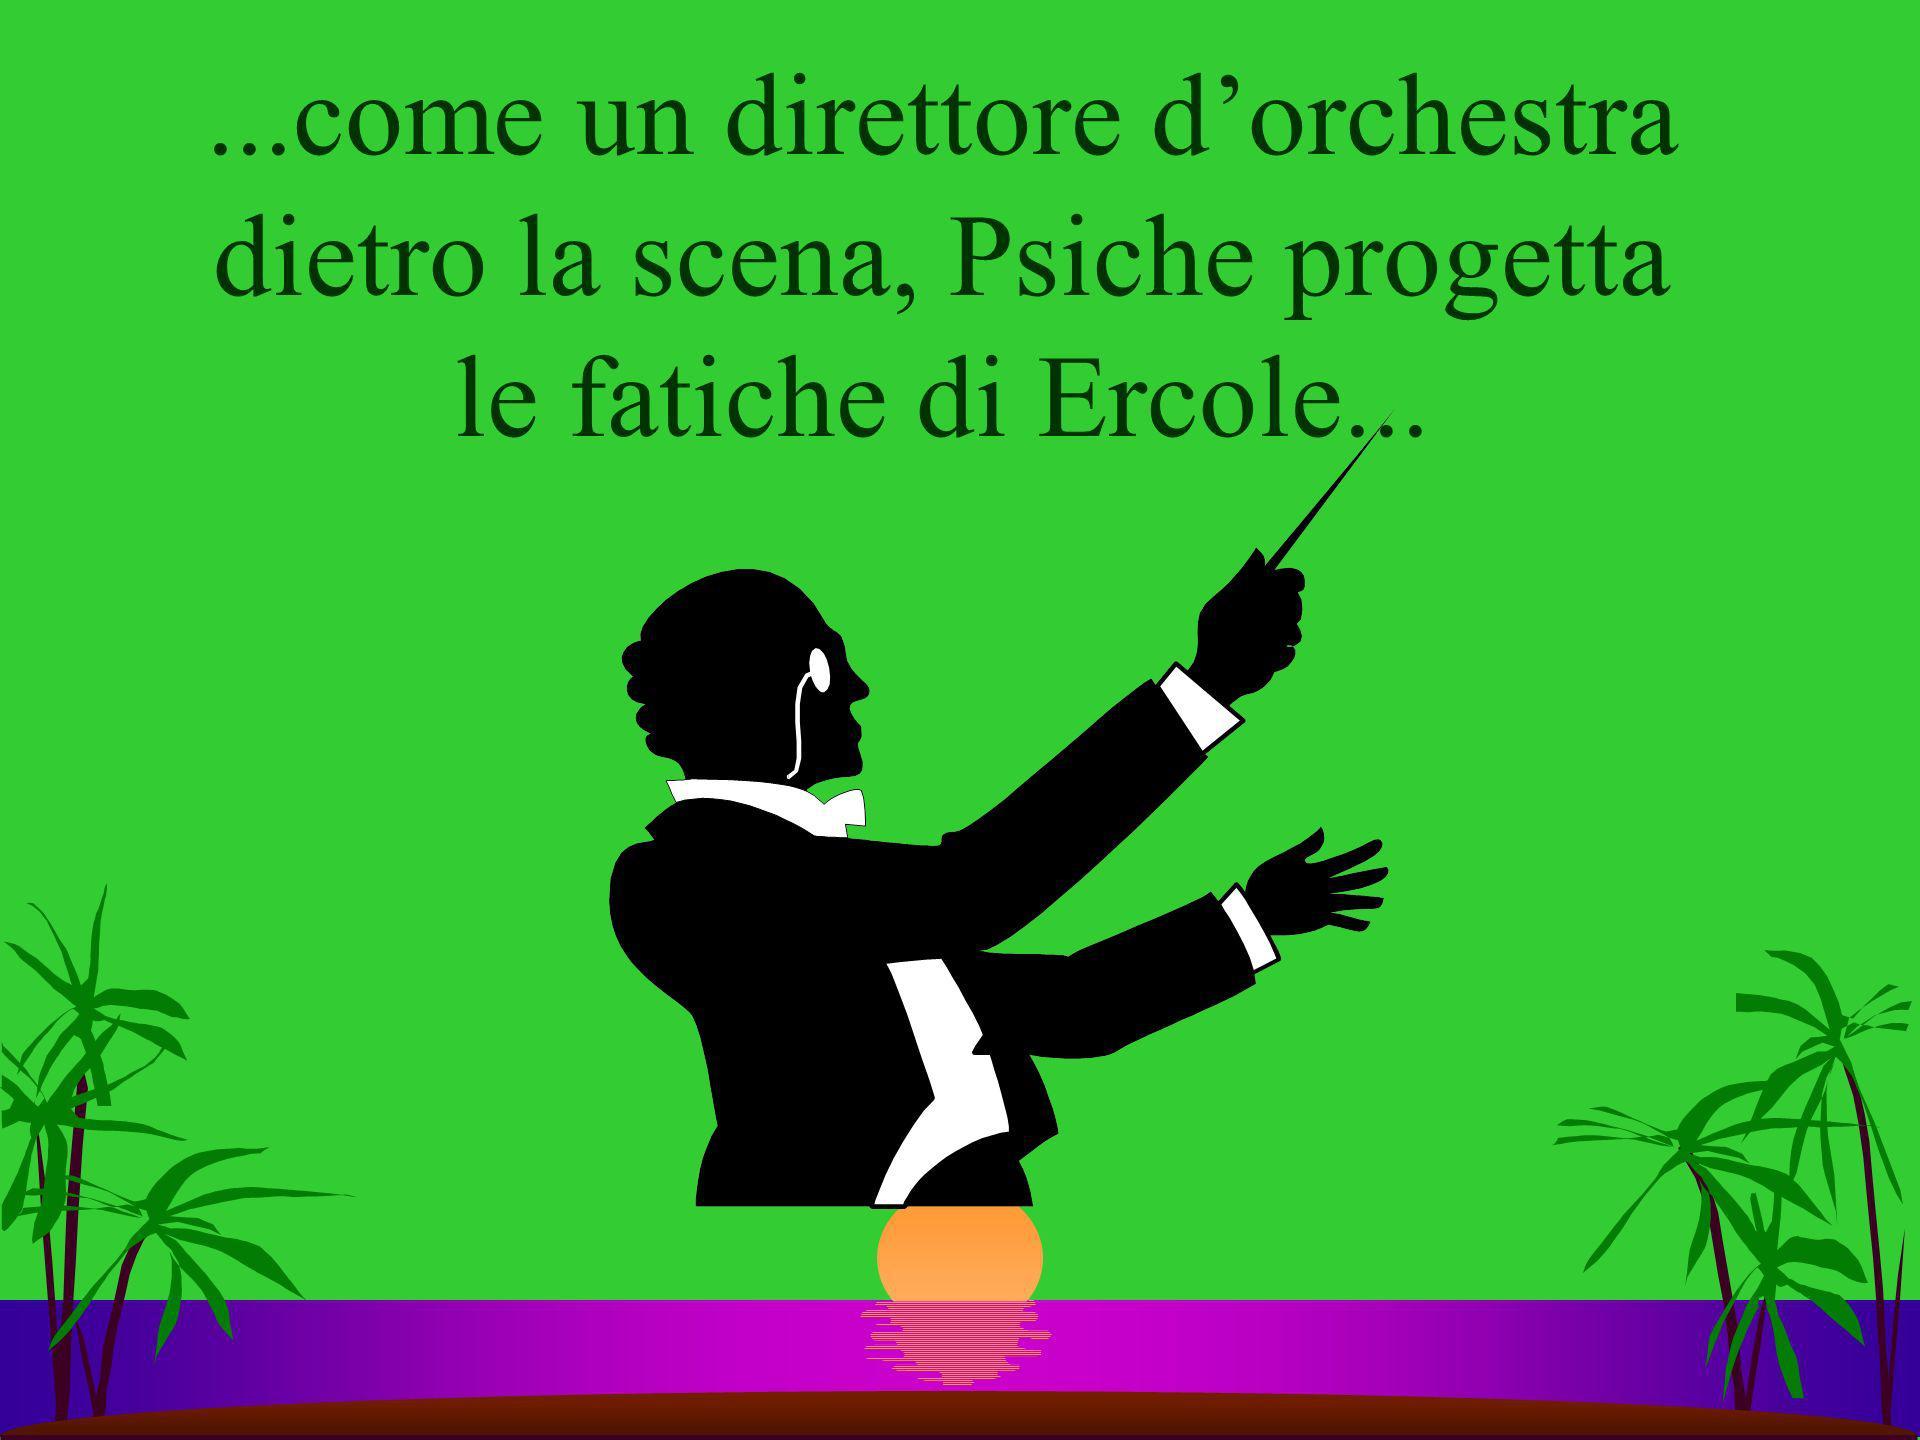 ...come un direttore d'orchestra dietro la scena, Psiche progetta le fatiche di Ercole...